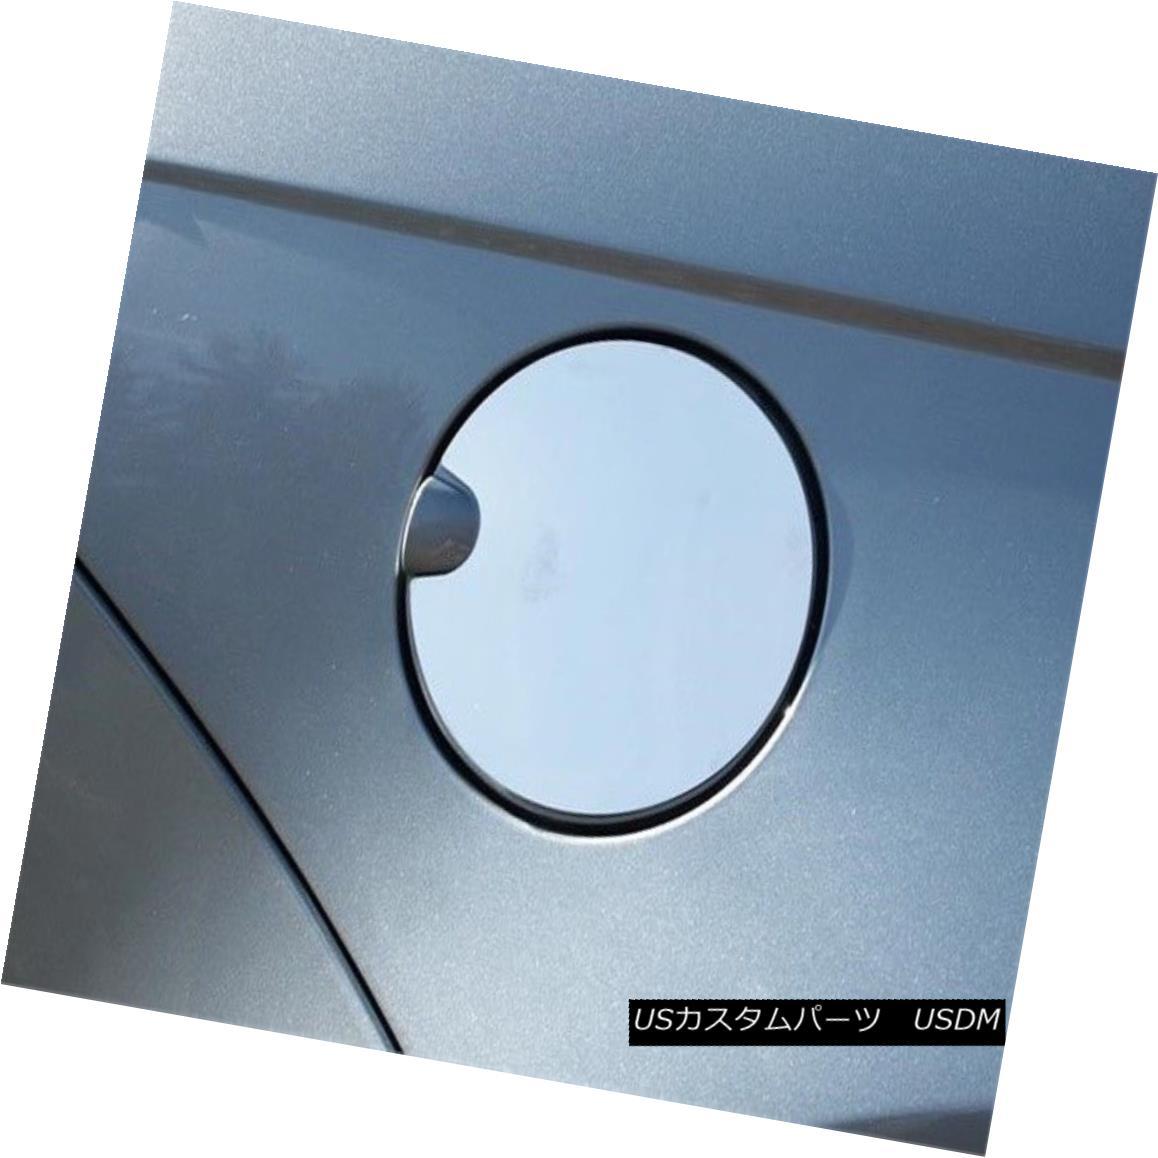 グリル Fits 2008-2009 FORD FOCUS 4-door -Stainless Steel GAS CAP DOOR フィット2008-2009フォードフォーカス4ドア - ステンレススチールガスCAP DOOR